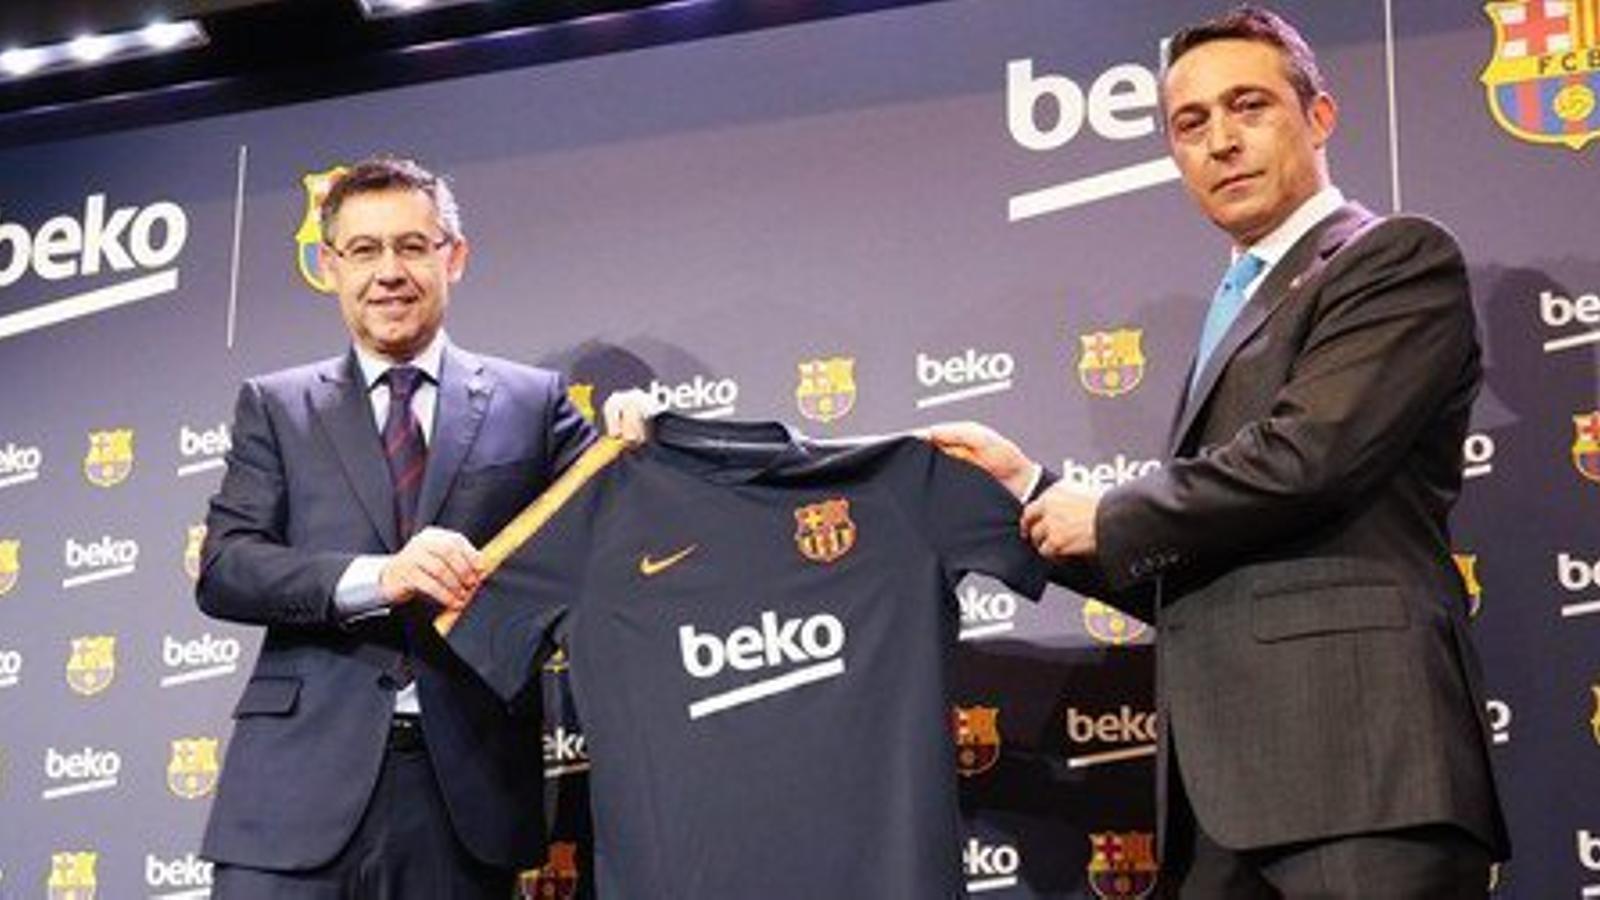 Josep Maria Bartomeu, president del Barça, i Ali Y. Koç, vicepresident de Koç Holding, durant la presentació del patrocini amb Beko